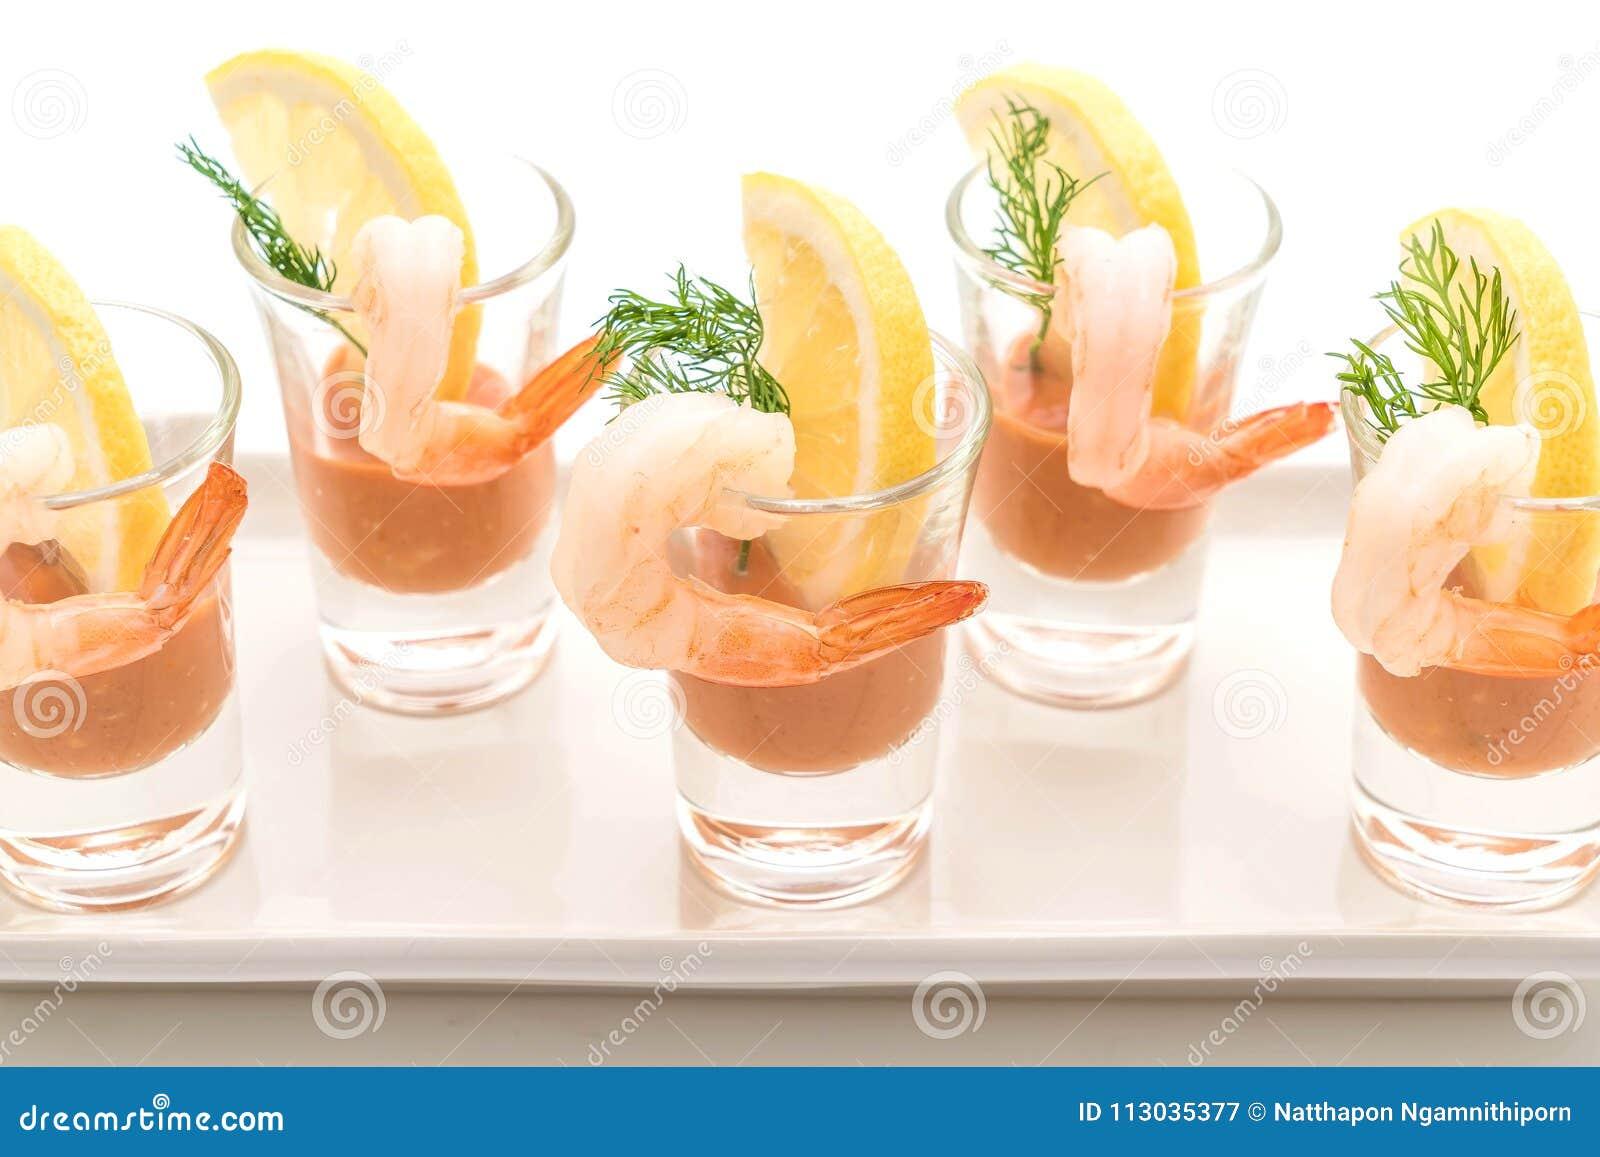 Cóctel de camarón en el fondo blanco